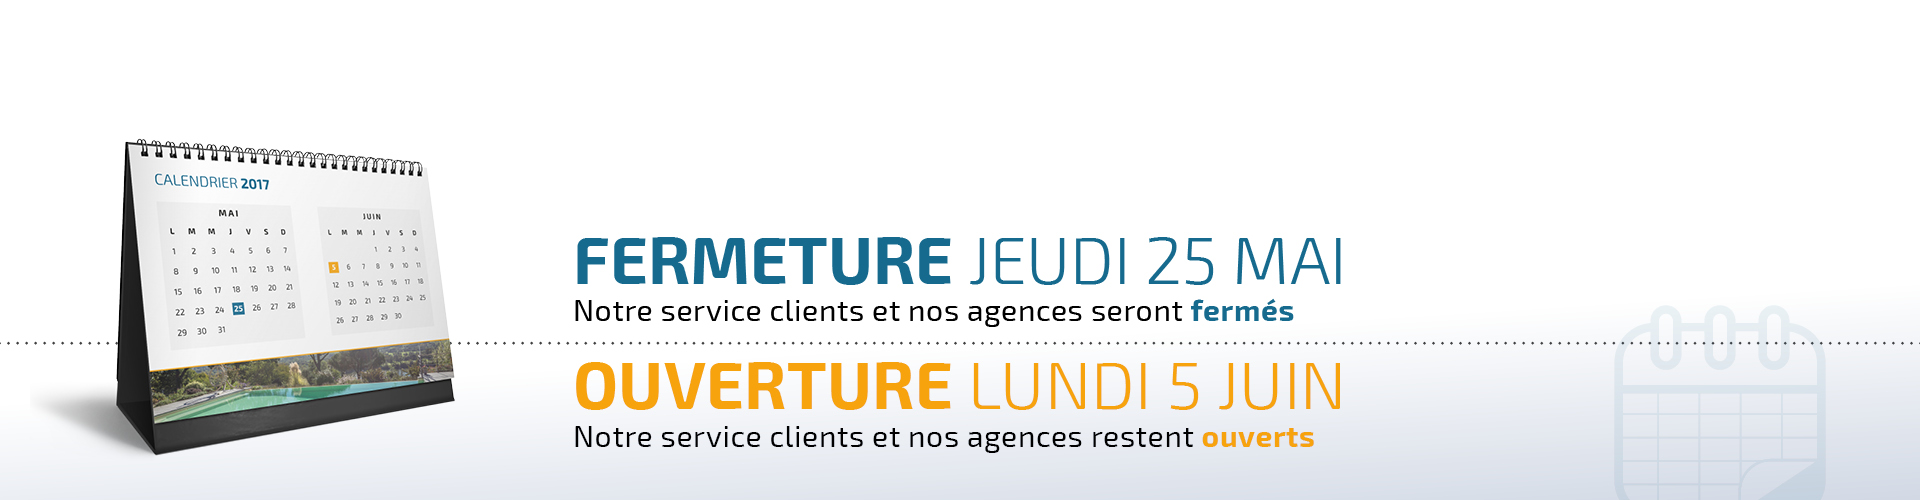 slide-Ouverture_Fermeture_2017_sans_en-tete.jpg